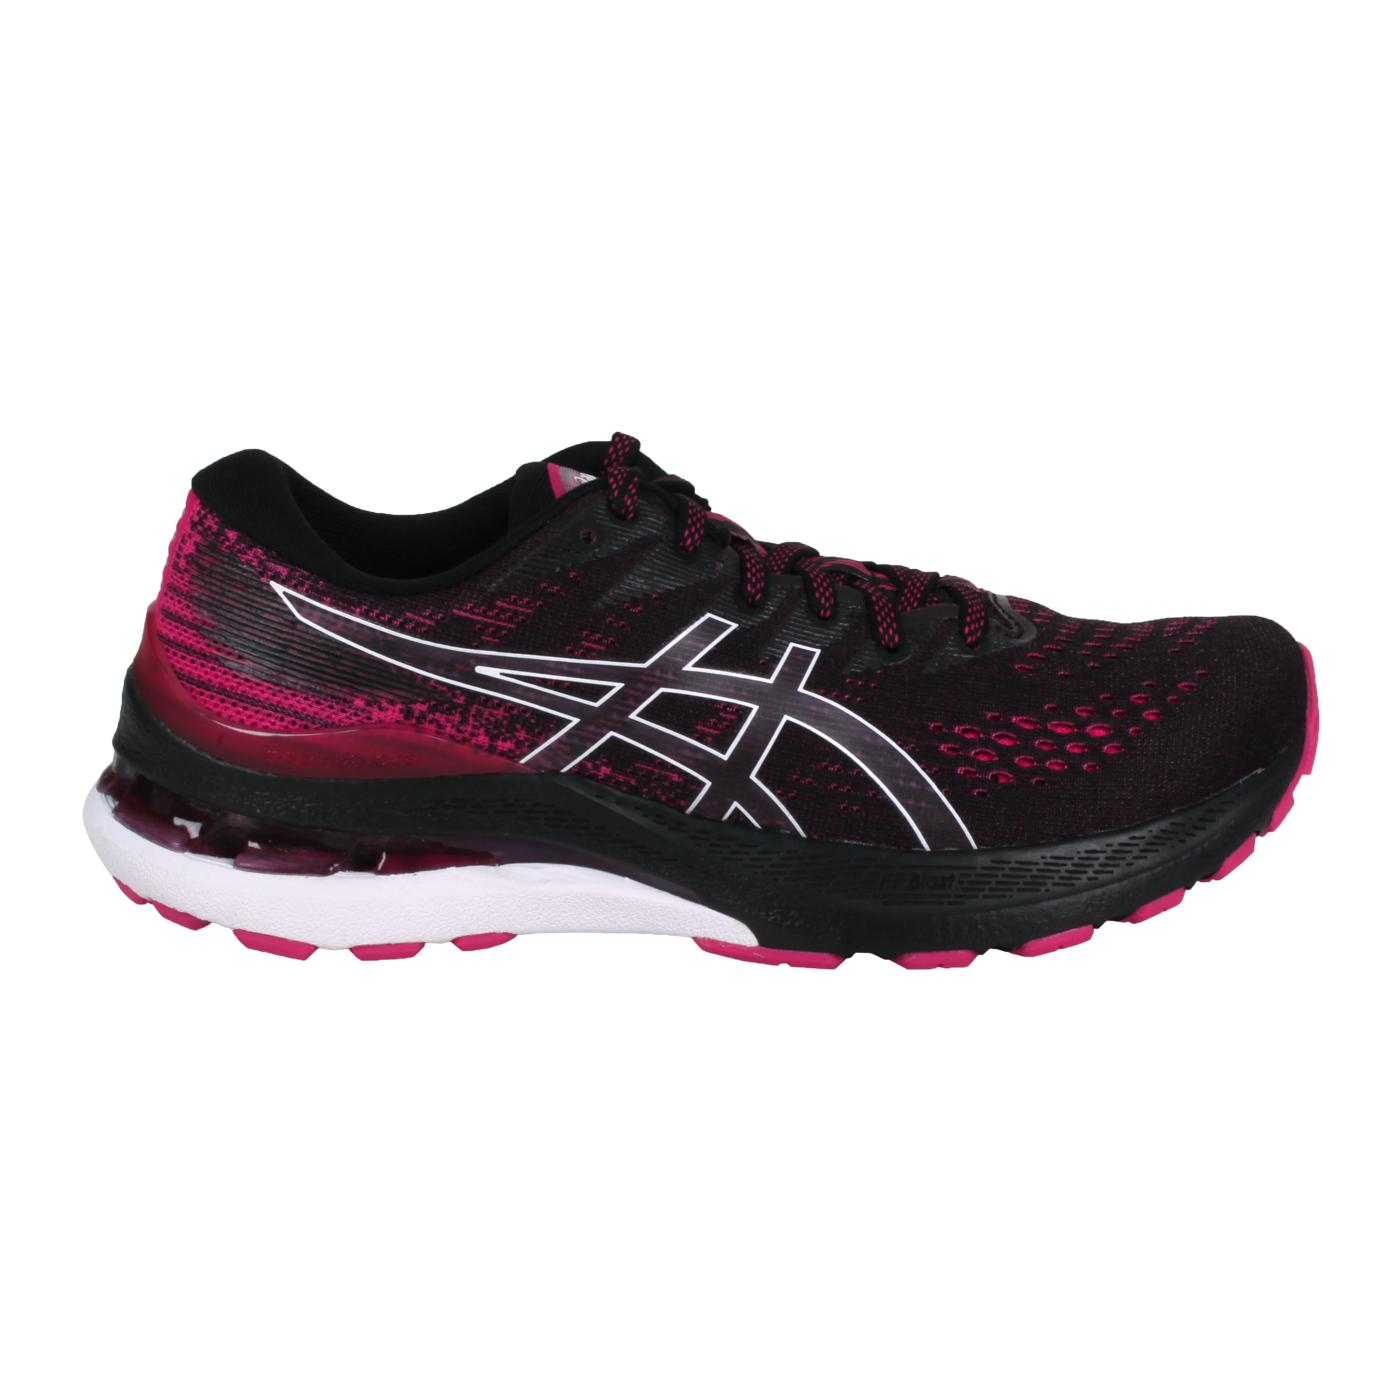 ASICS 特定-女款慢跑鞋  @GEL-KAYANO 28@1012B047-002